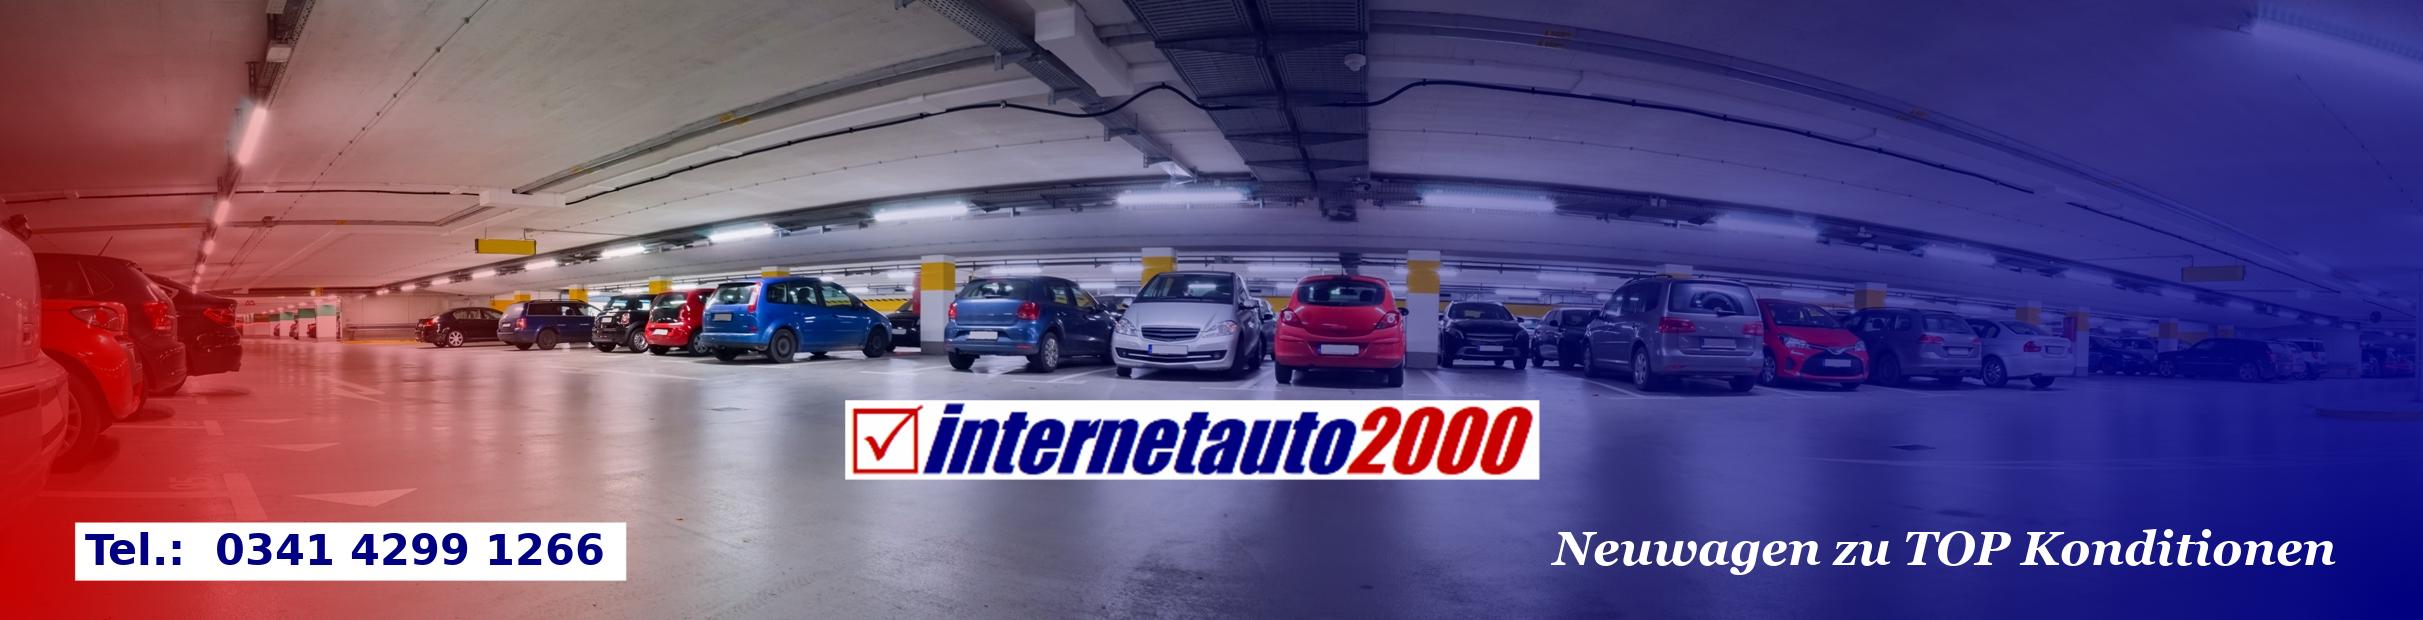 internetAuto2000